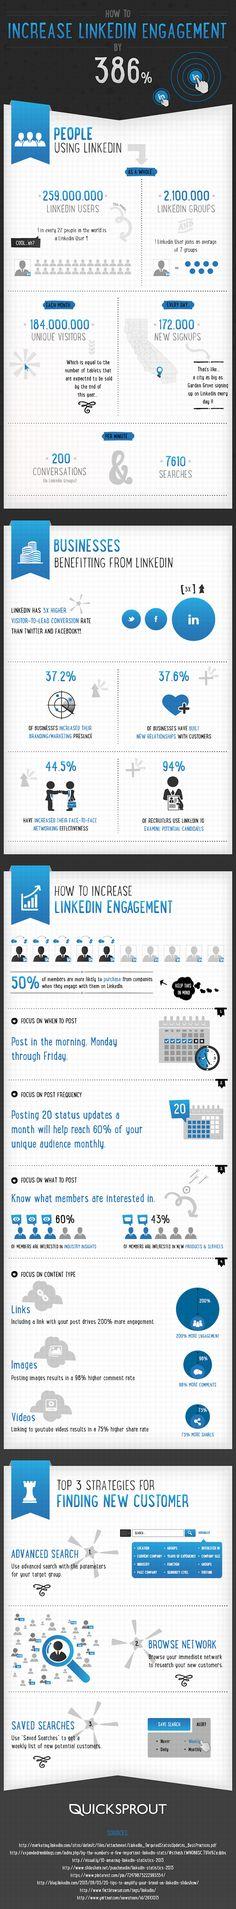 L'utilisation de LinkedIn par ses membres et les bénéfices que peuvent en retirer les entreprises ?